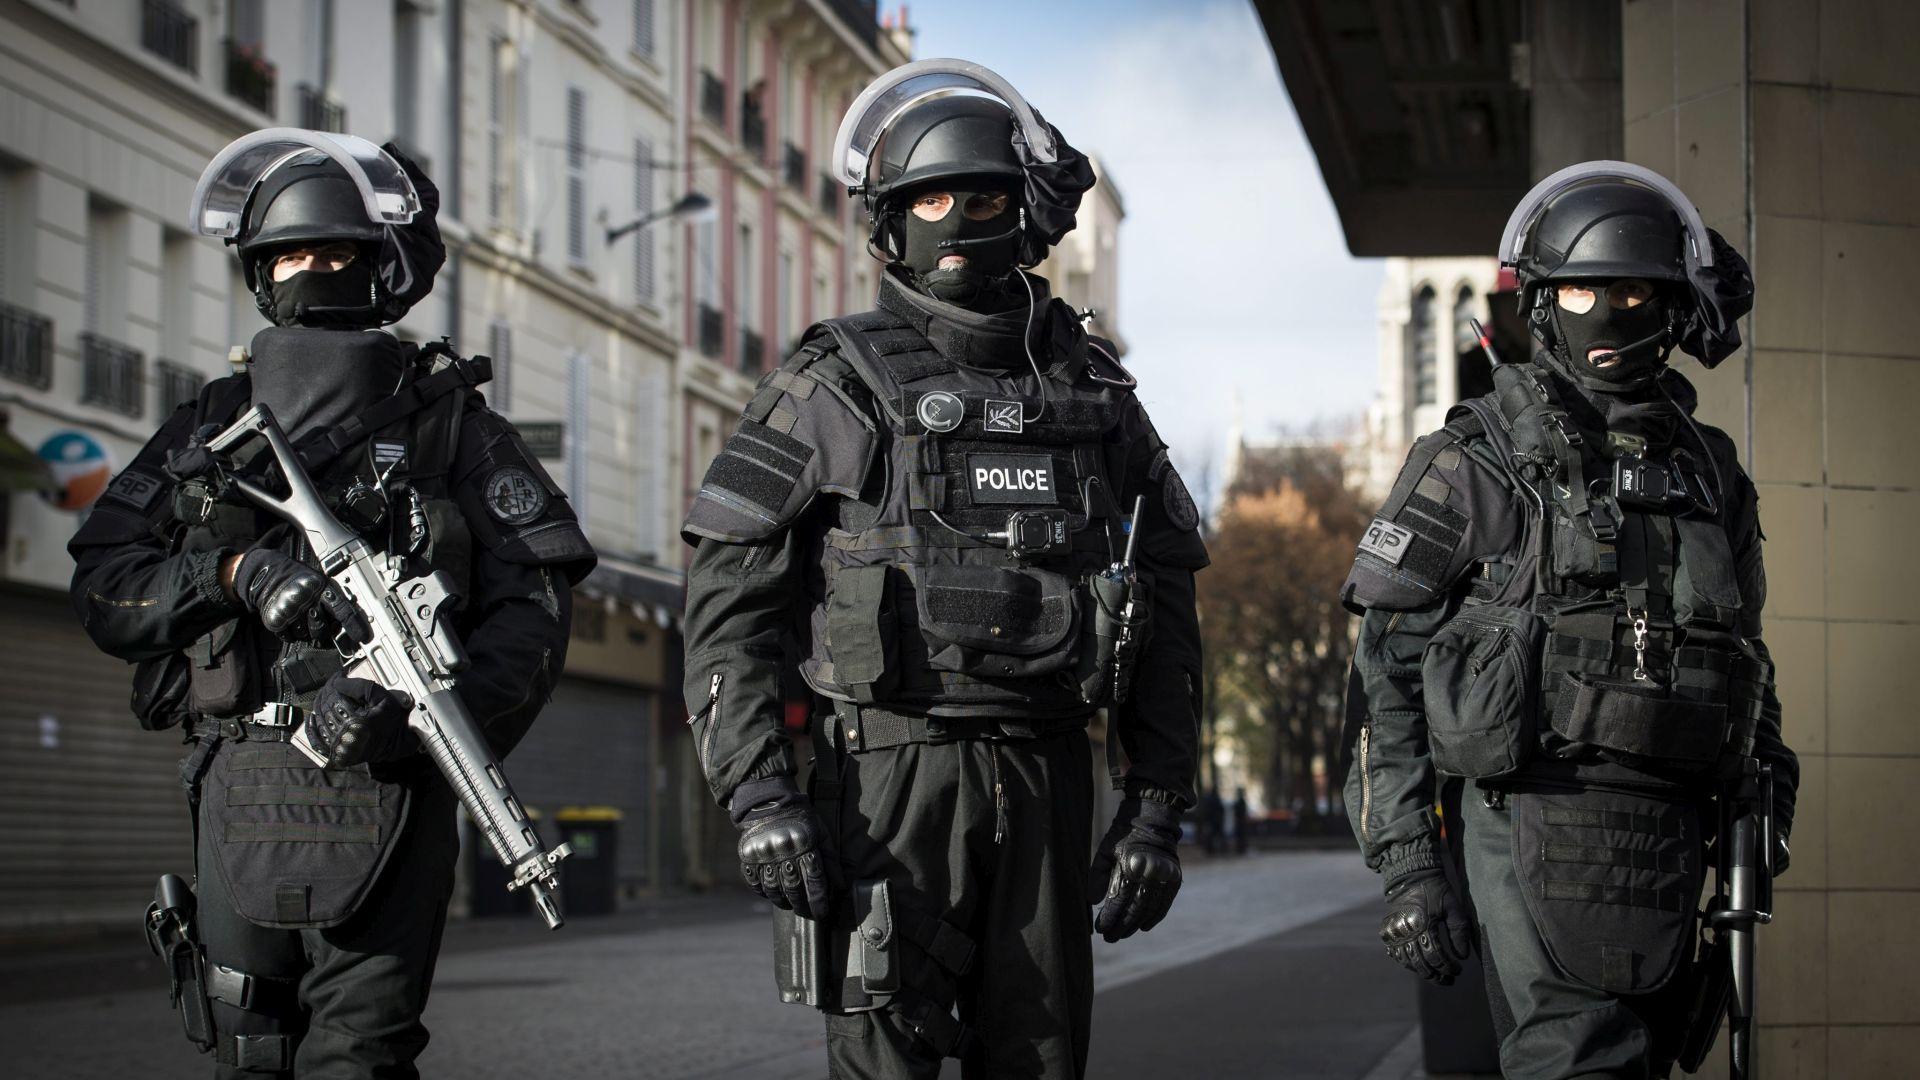 PROTIV JEDNOG OSUMNJIČENOG PODIGNUTA PRIJAVA U Francuskoj u kanti za smeće pronađen pojas s eksplozivom